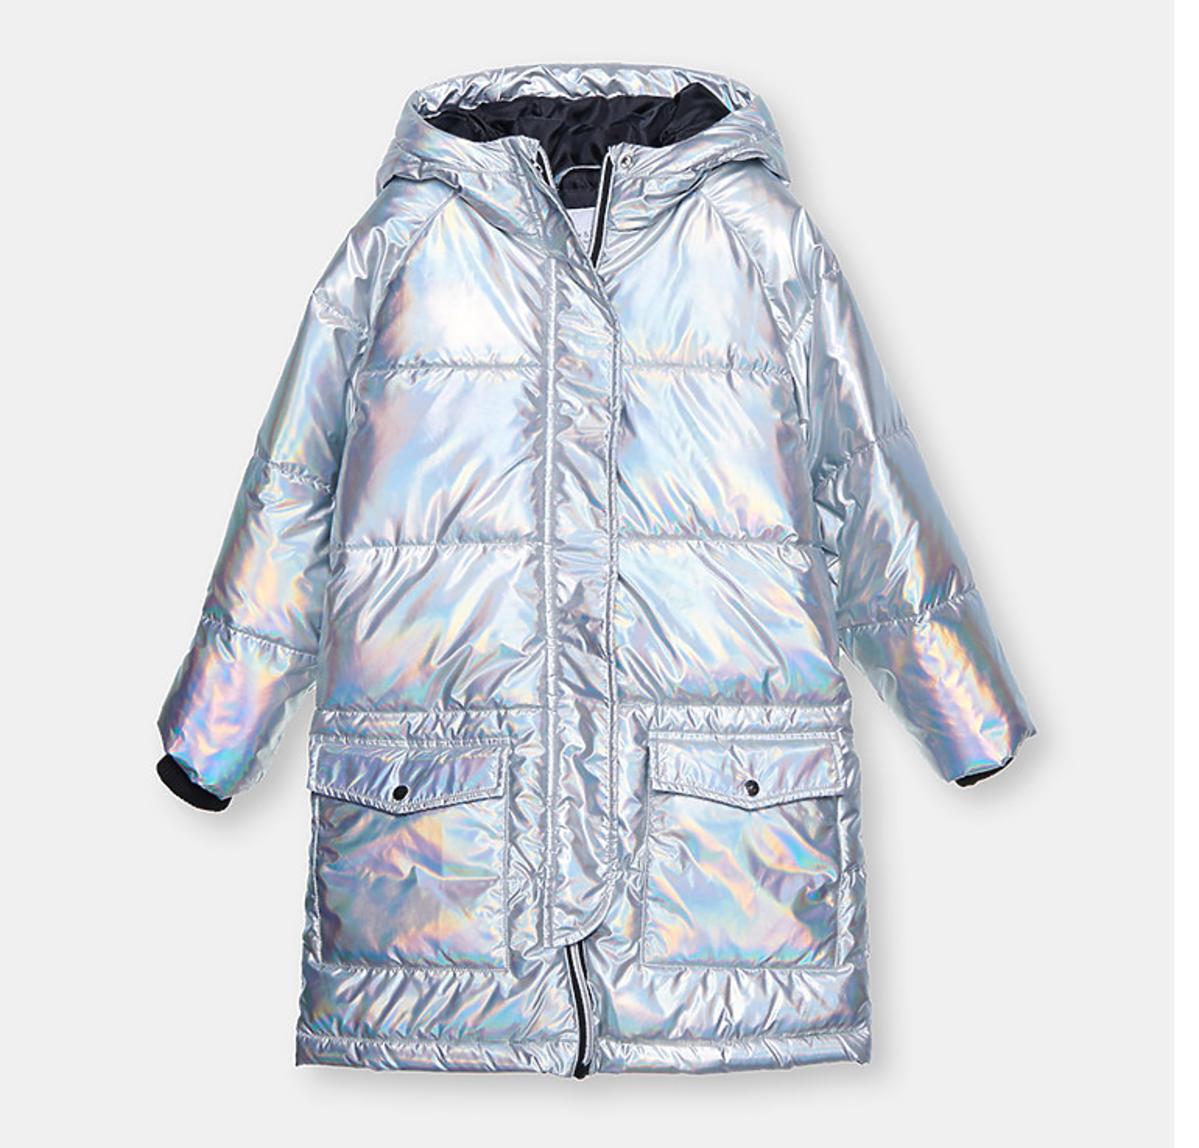 Holograficzna kurtka Sinsay